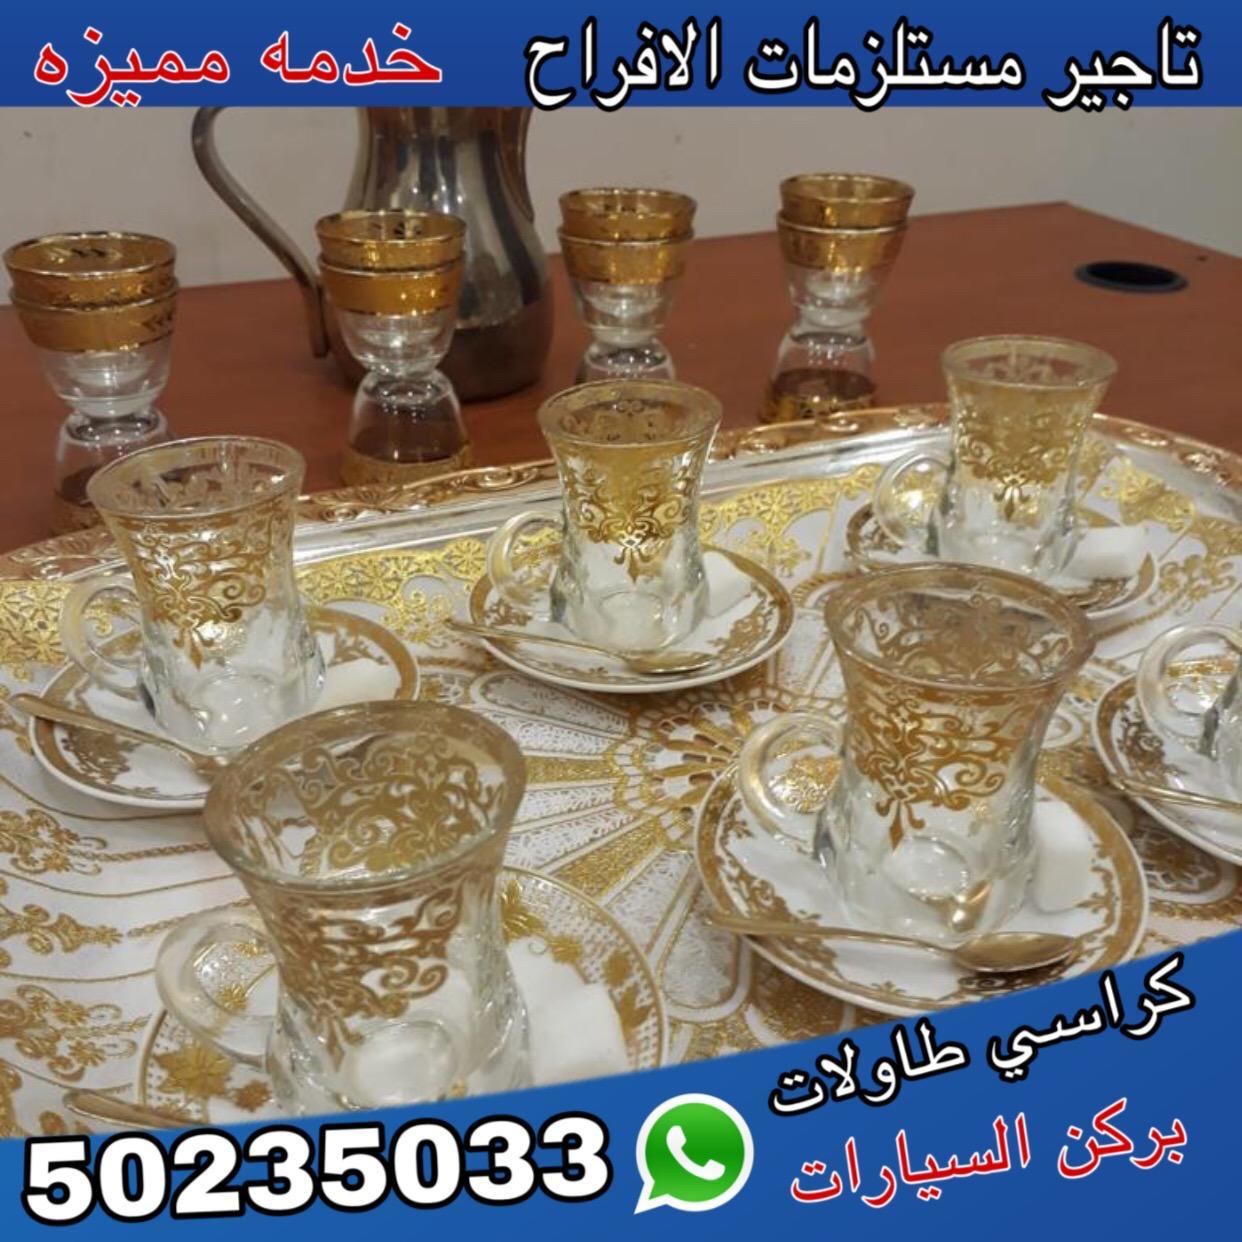 خدمة شاي وقهوه لكل المناسبات | 50235033 | الفخامة الكويتية